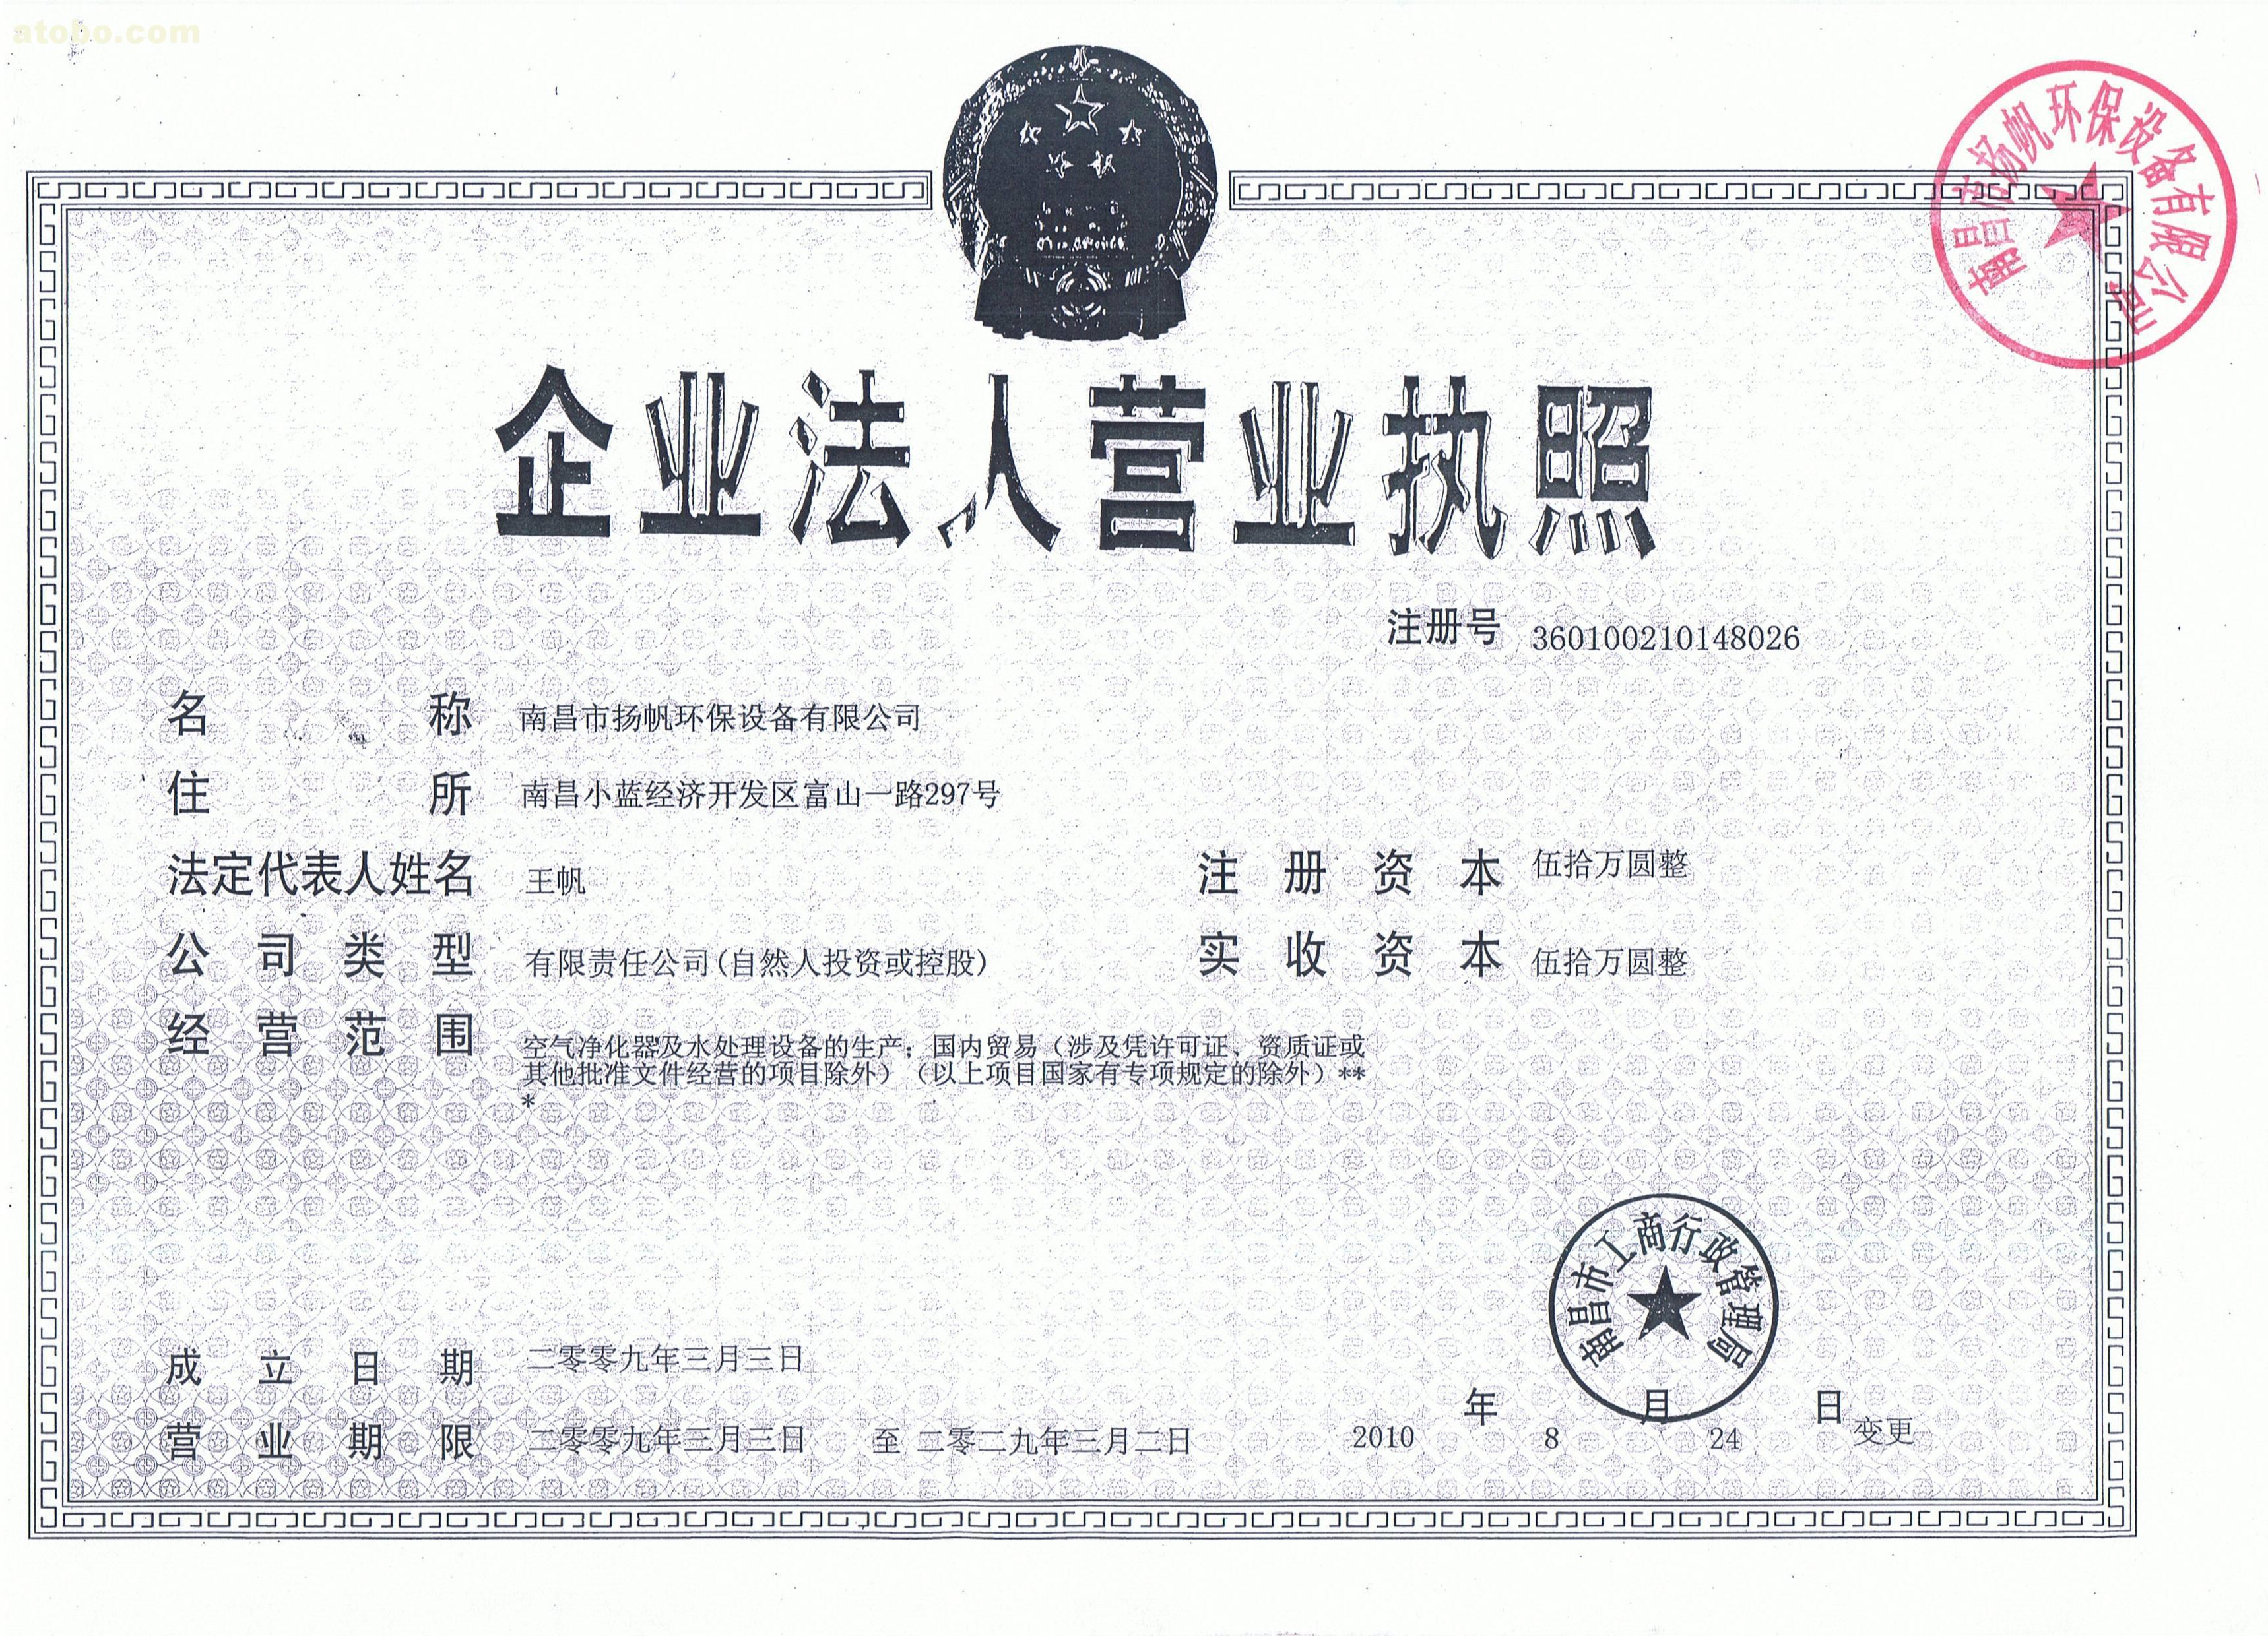 企业法人营业执照_南昌市扬帆环保设备有限公司(湖北销售网点)图片